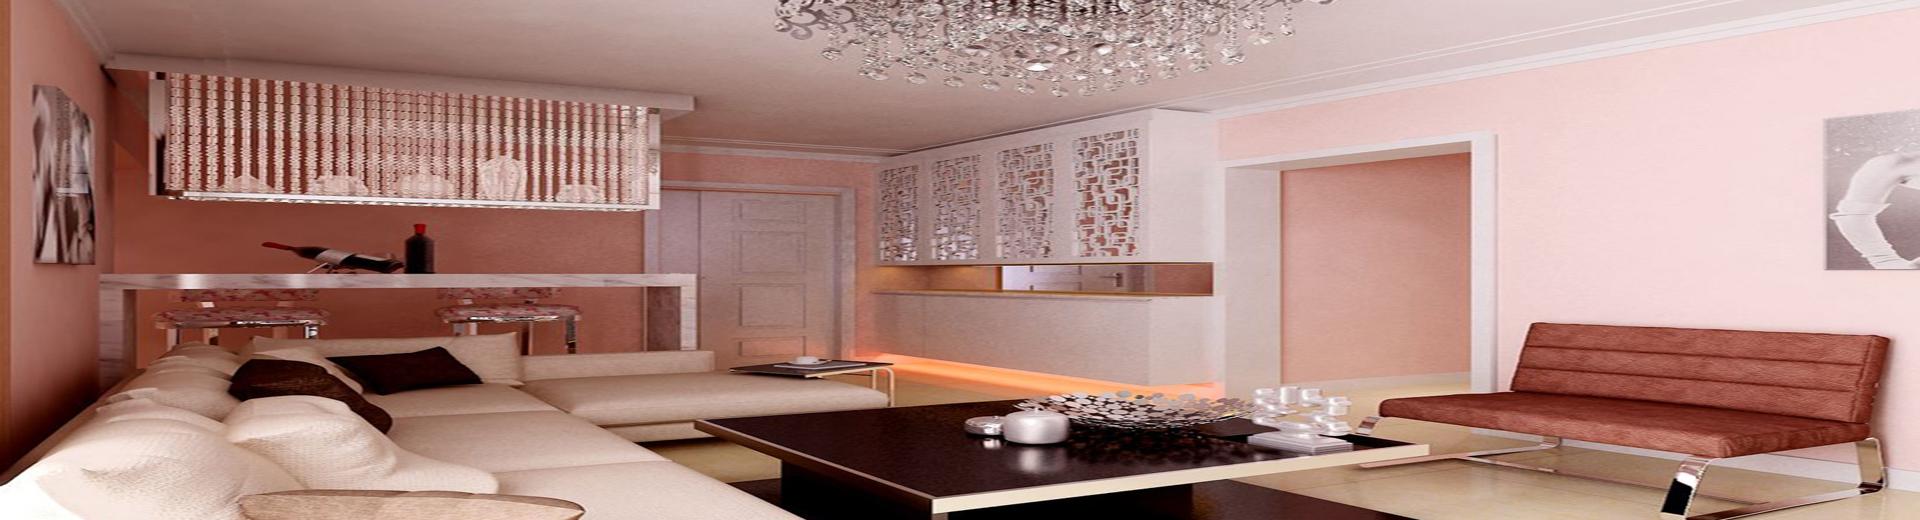 家庭客廳吧臺裝潢設計圖,讓生活多點滋味